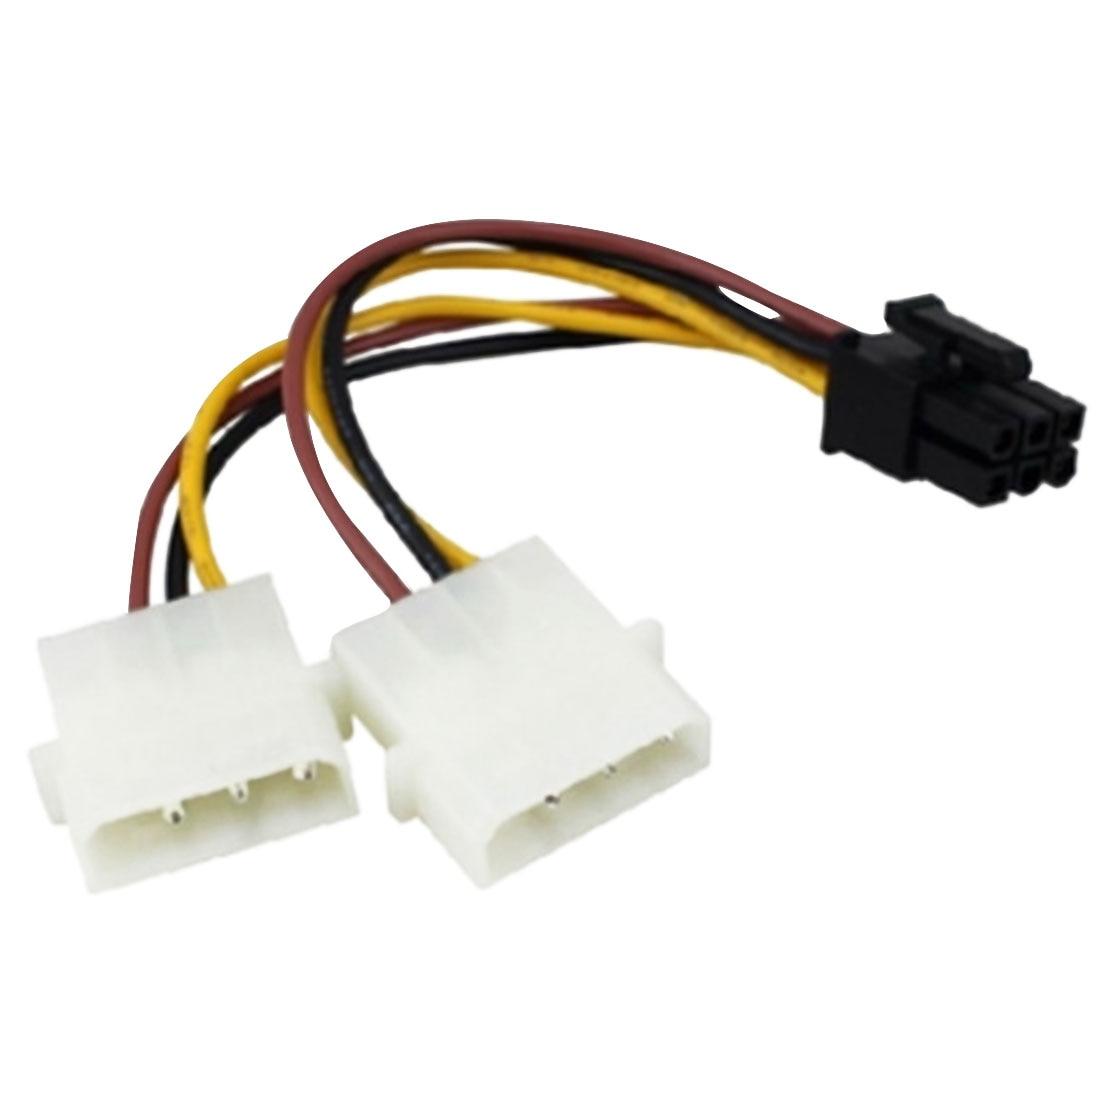 Nova placa gráfica cabo de alimentação dupla 4pin para 6pin 6 p para 4 p adaptador cabo de alta qualidade placa gráfica do computador cabo de alimentação      - AliExpress